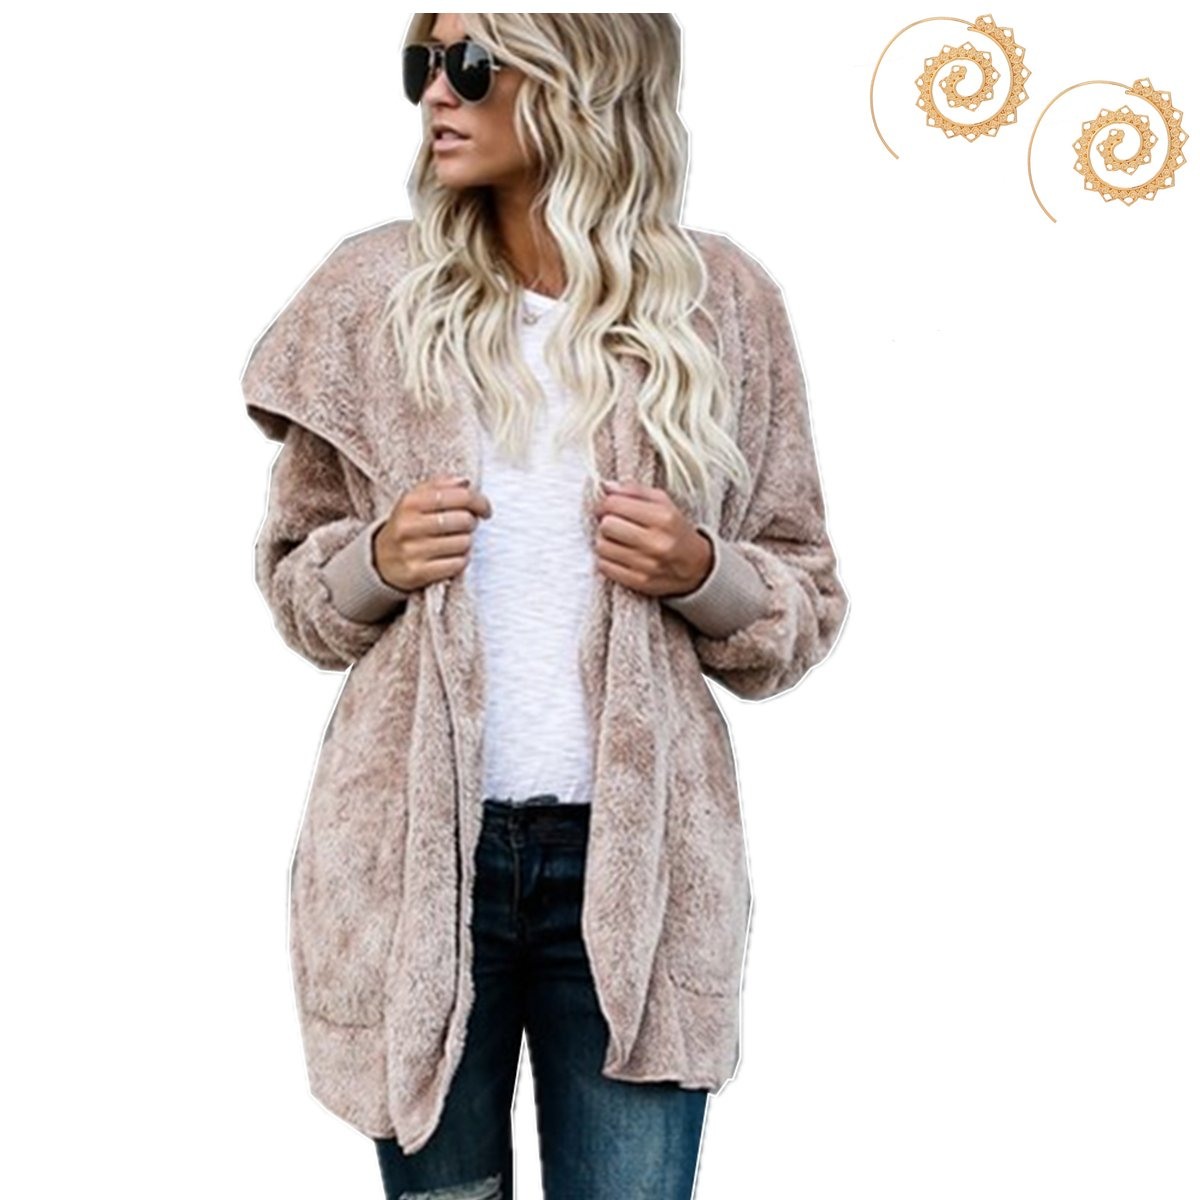 Yaaas2U Women's Winter Warm Loose Oversized Fleece Jacket Coat Outwear Plus Size S-XXL with Free Earrings